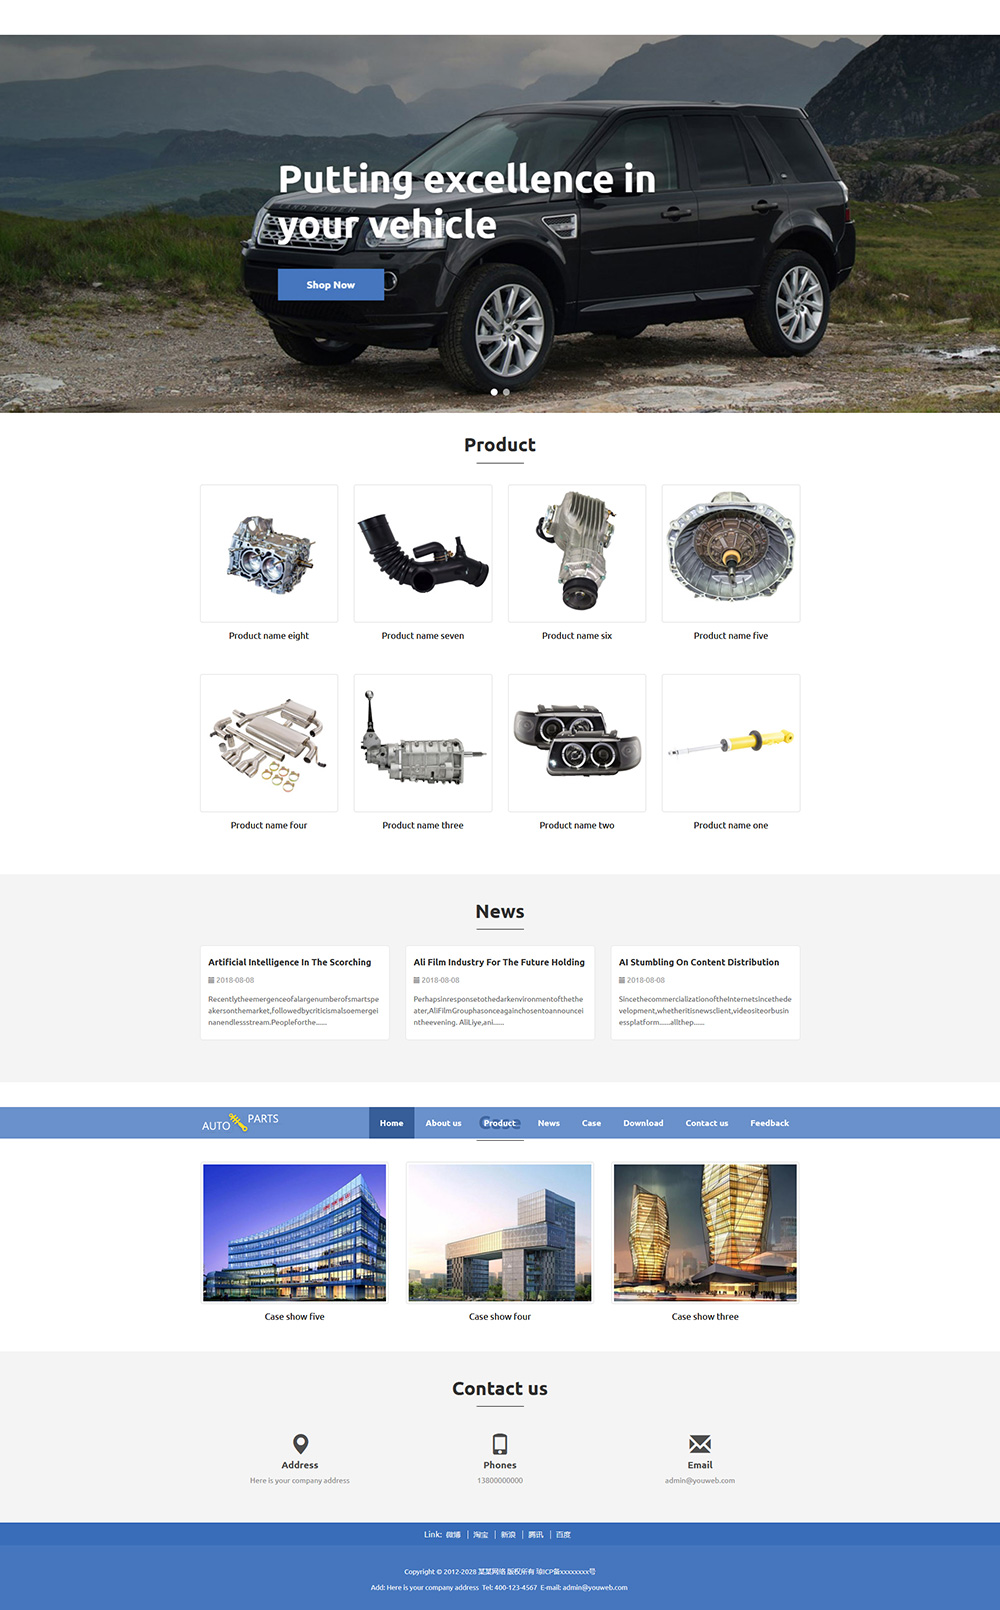 汽车配件外贸网站制作响应式英文企业网站模